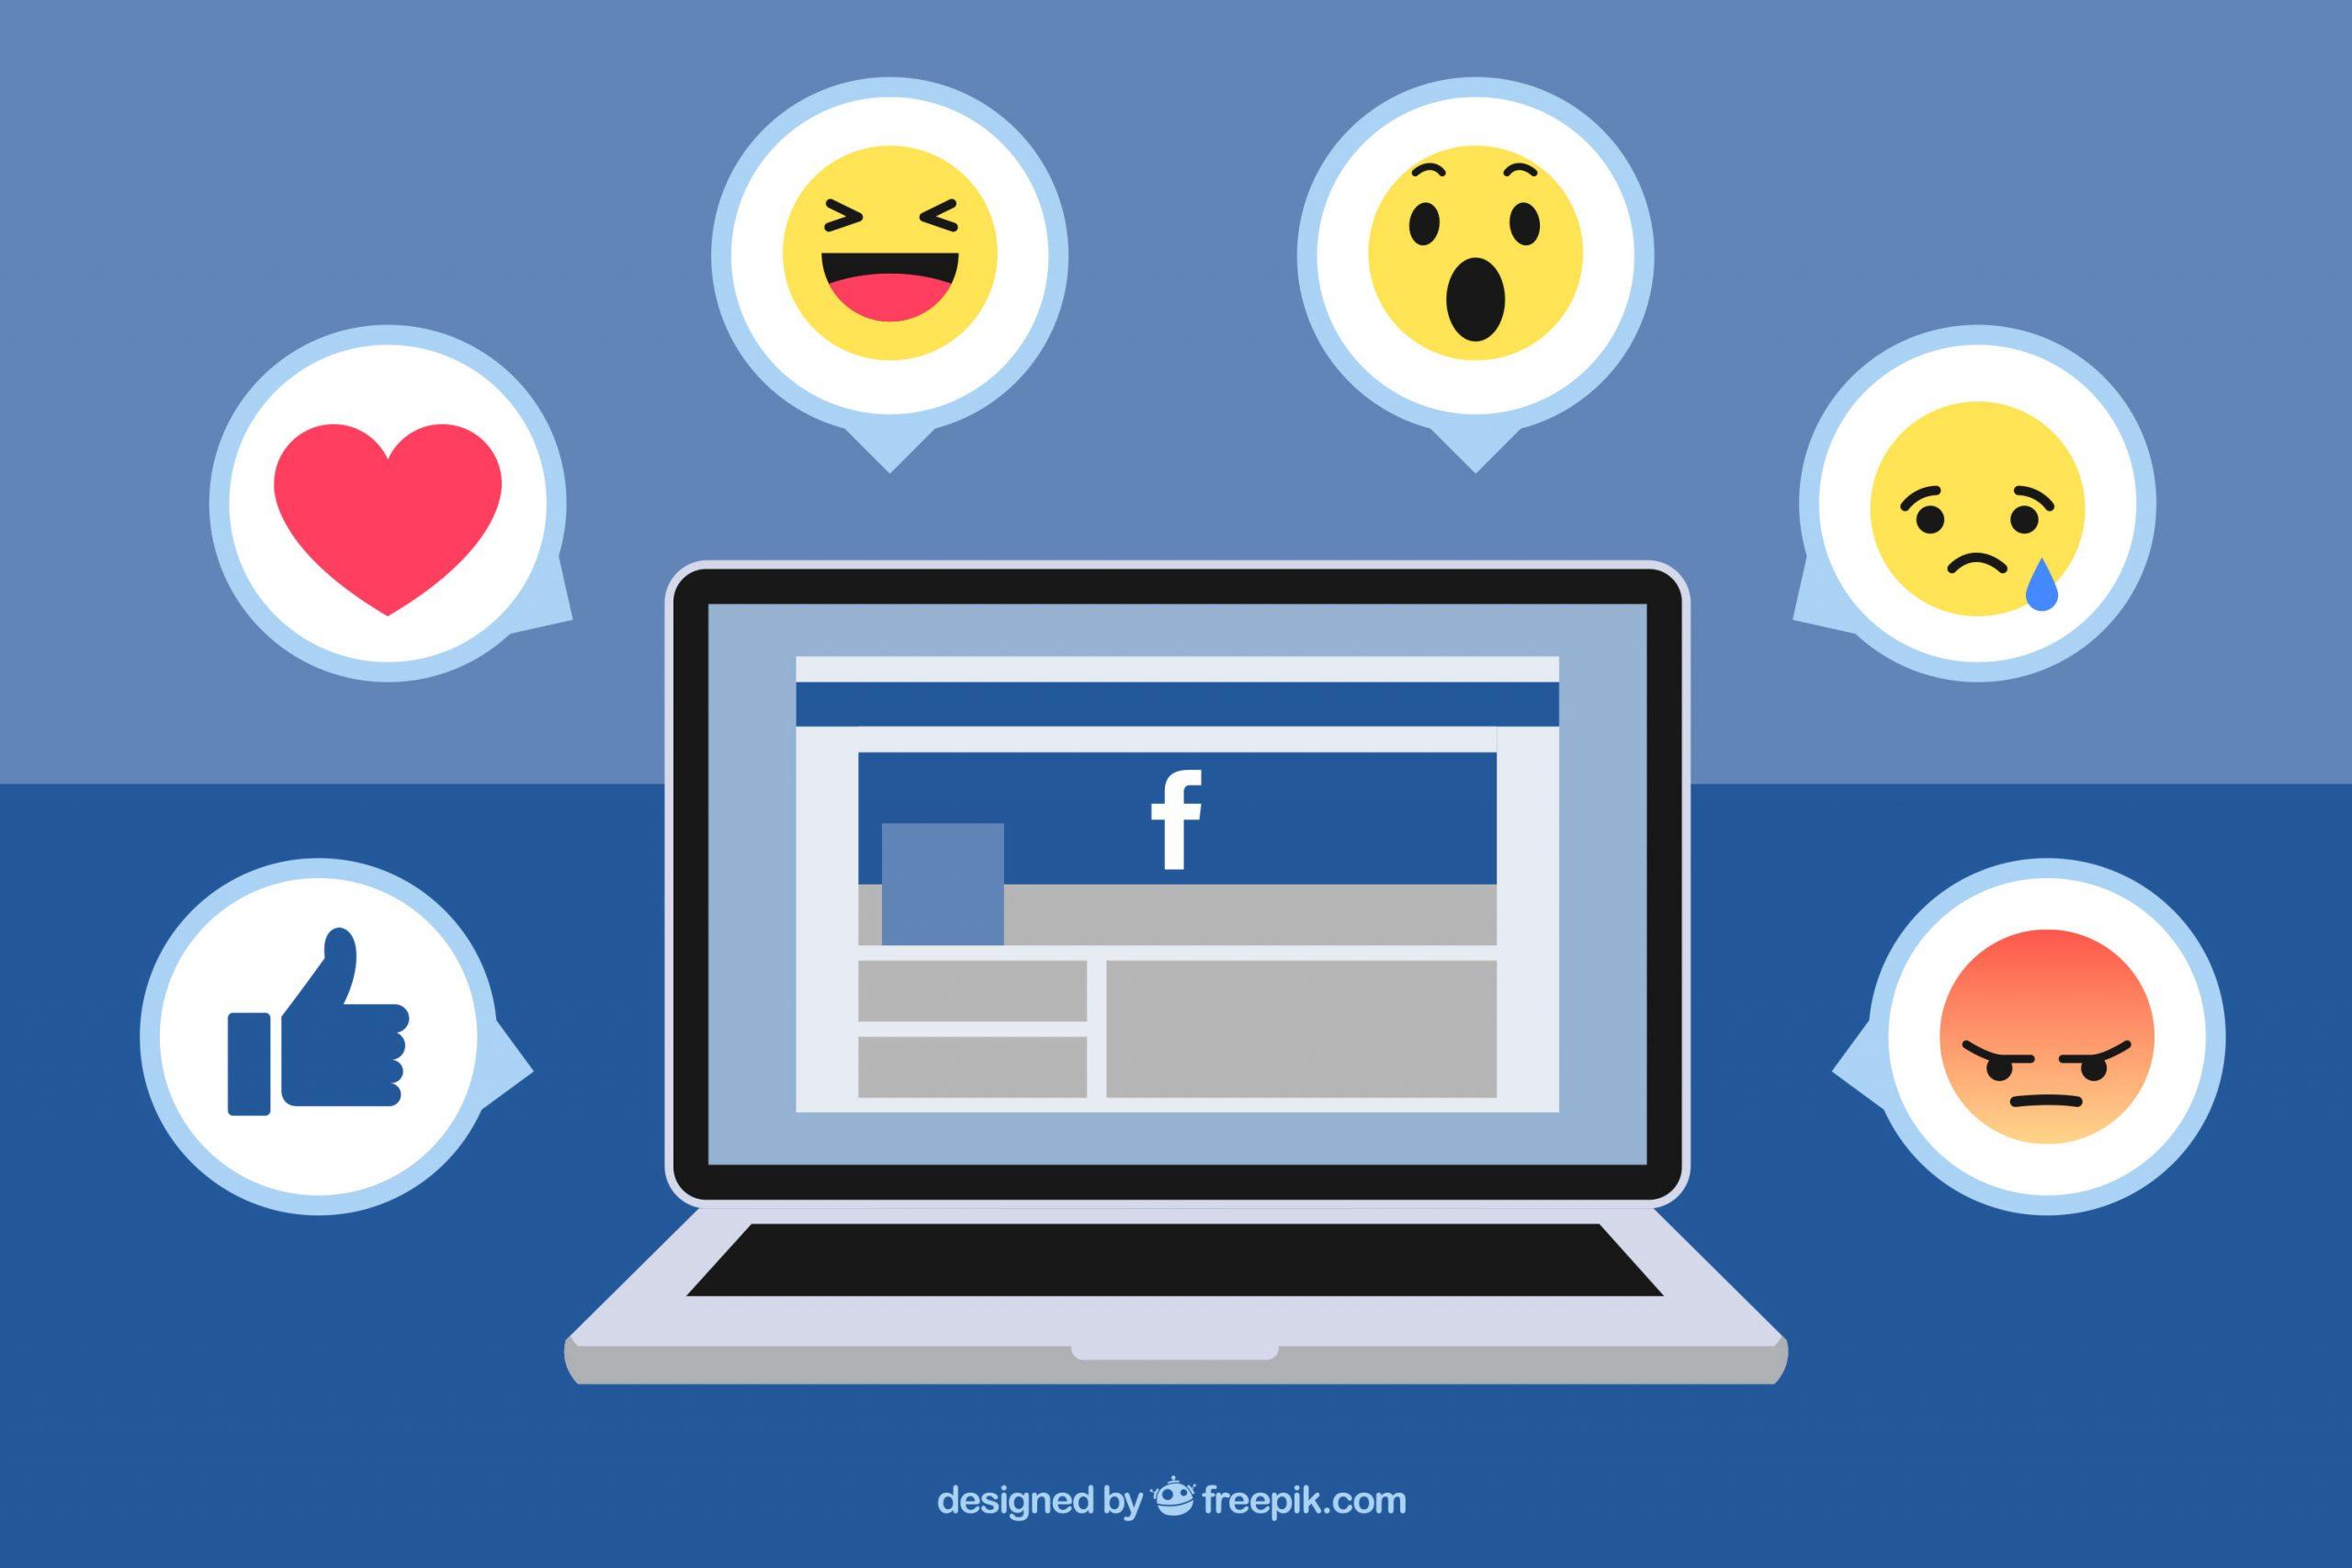 Hướng dẫn cách tăng lượt like trên facebook